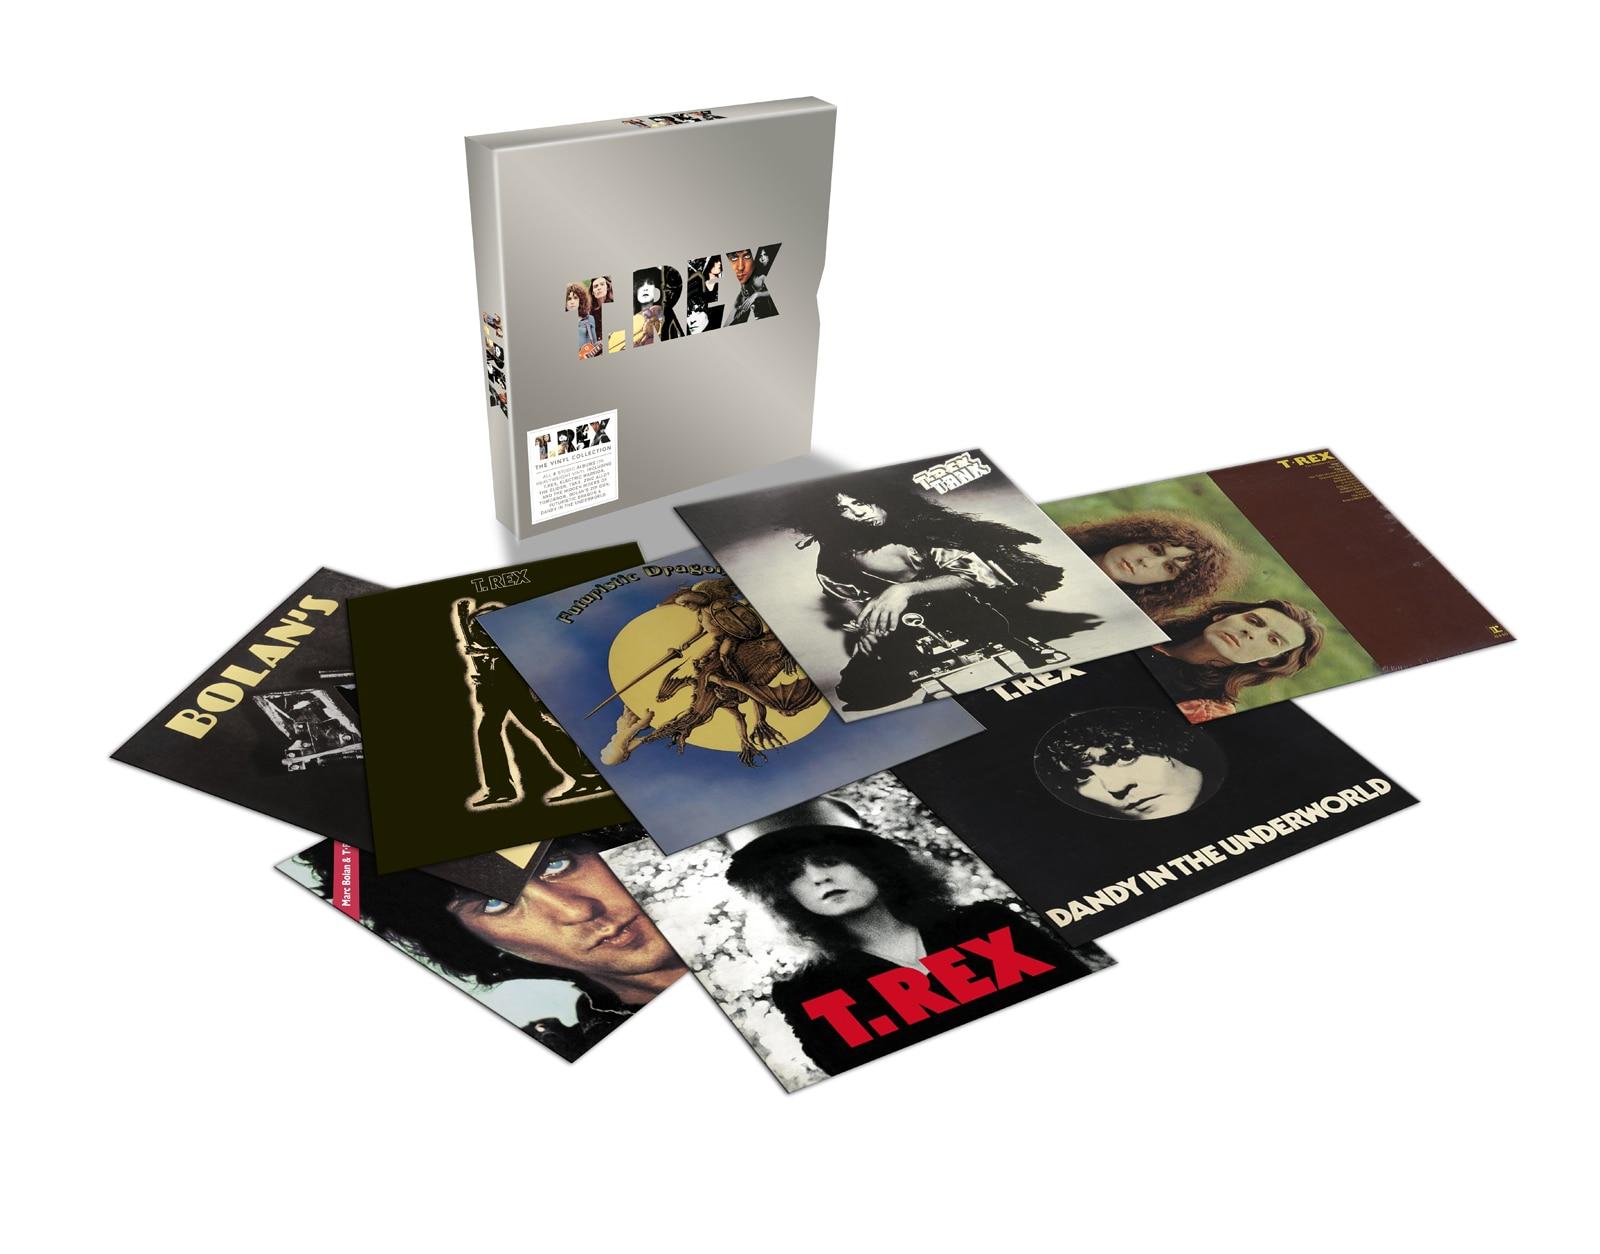 T.Rex Vinyl – Amazon Price Drop!